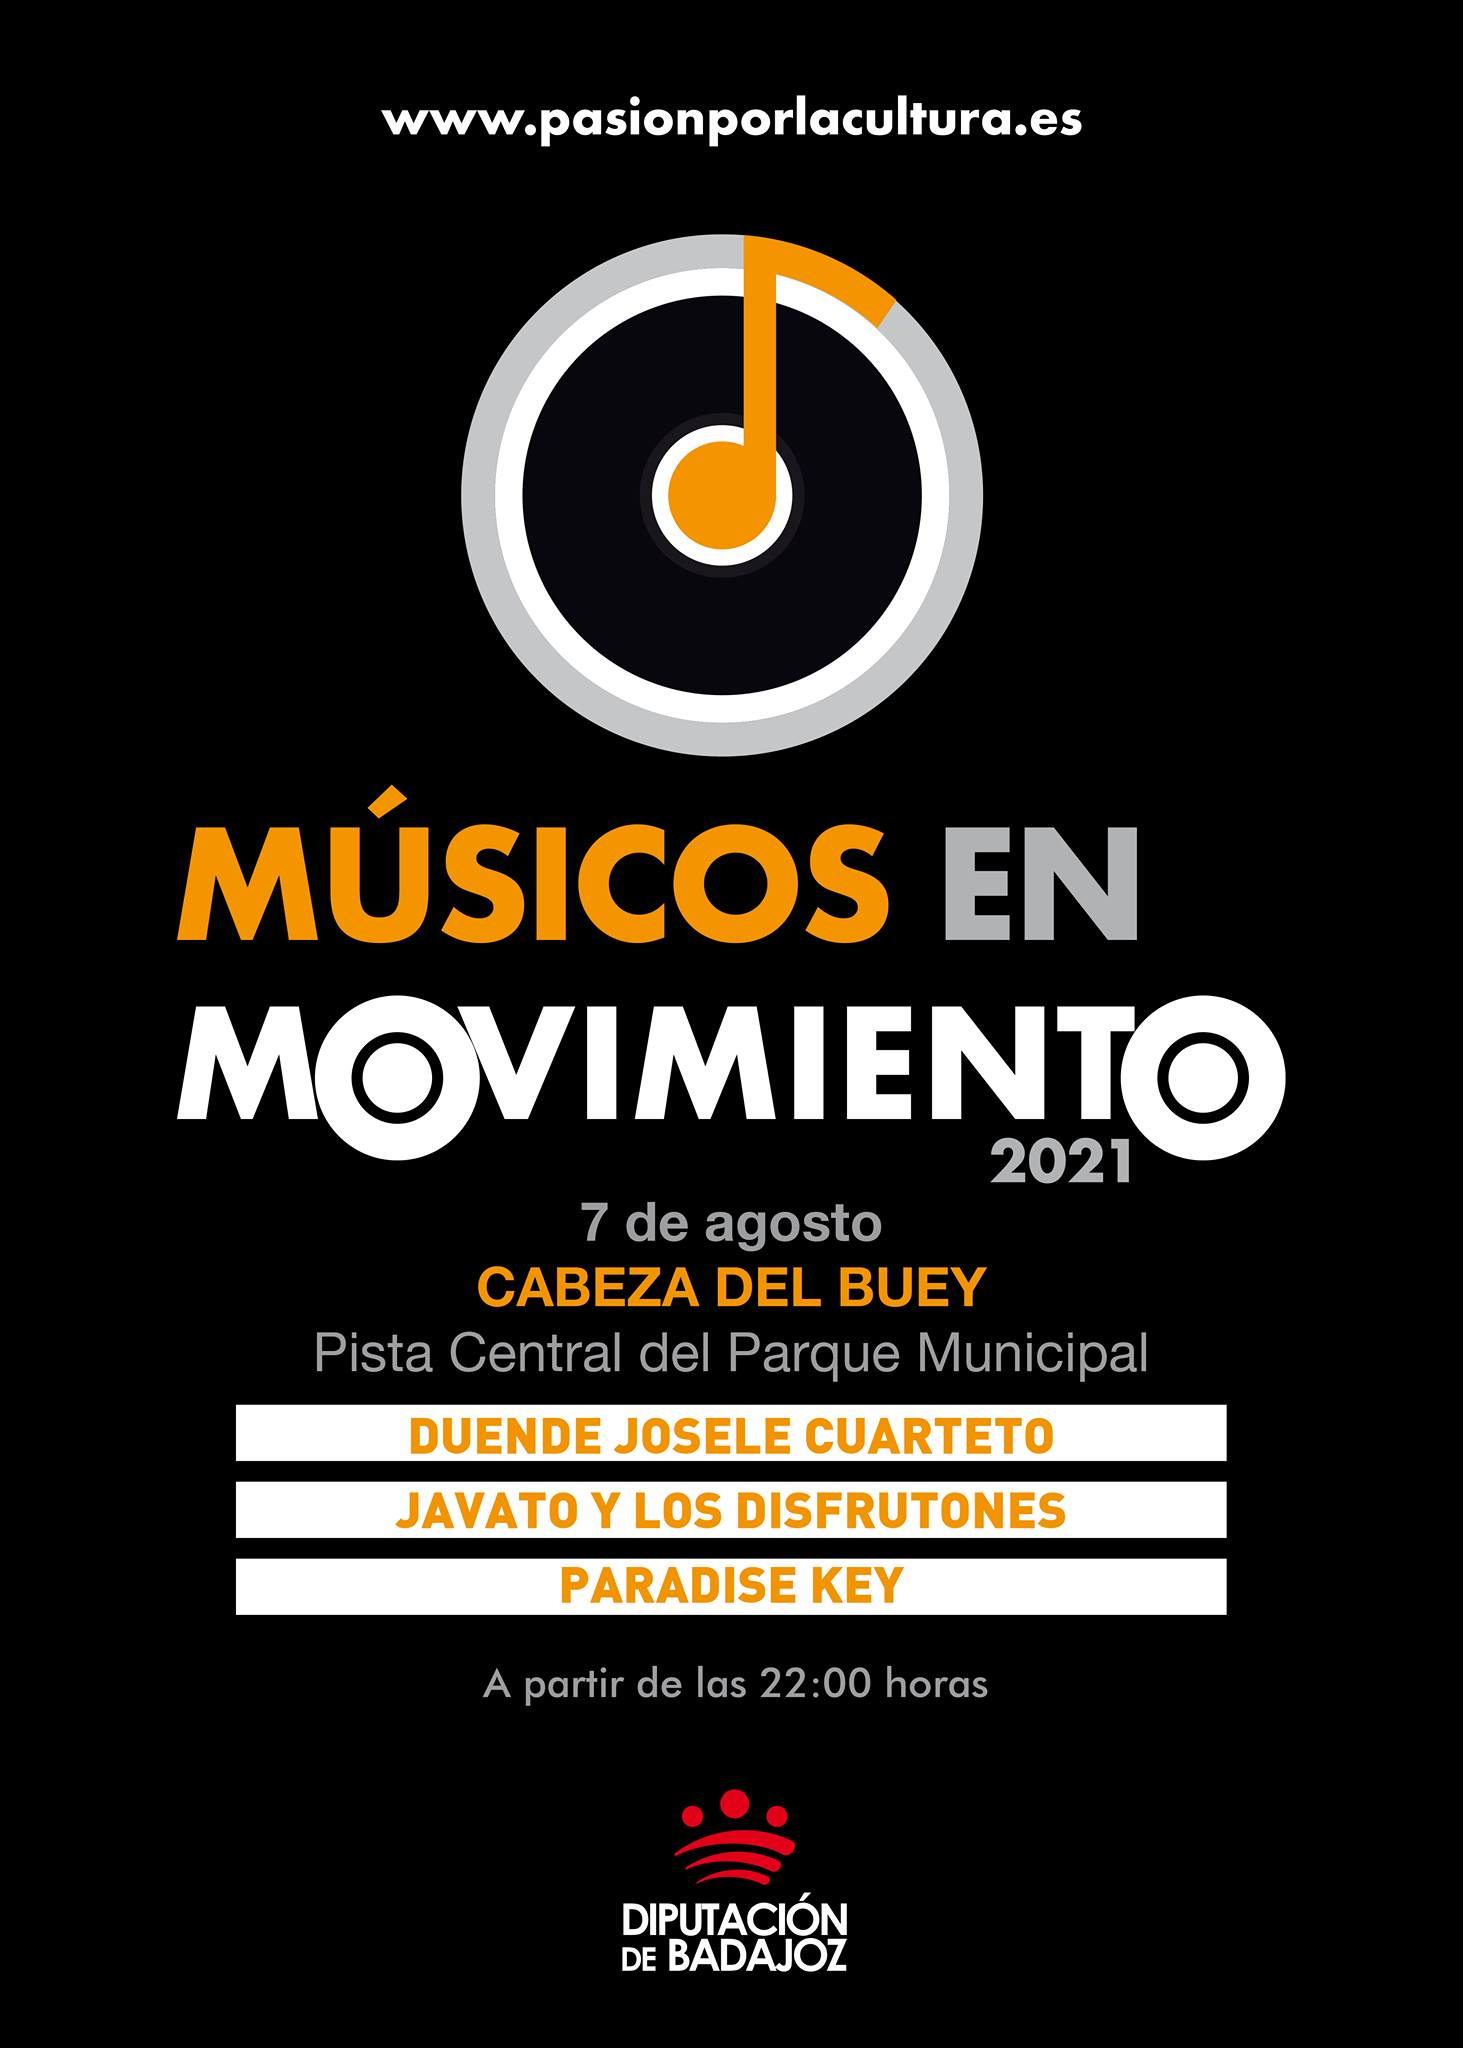 MÚSICOS EN MOVIMIENTO | Duende Josele Cuarteto + Javato y los Disfrutones + Padadise Key